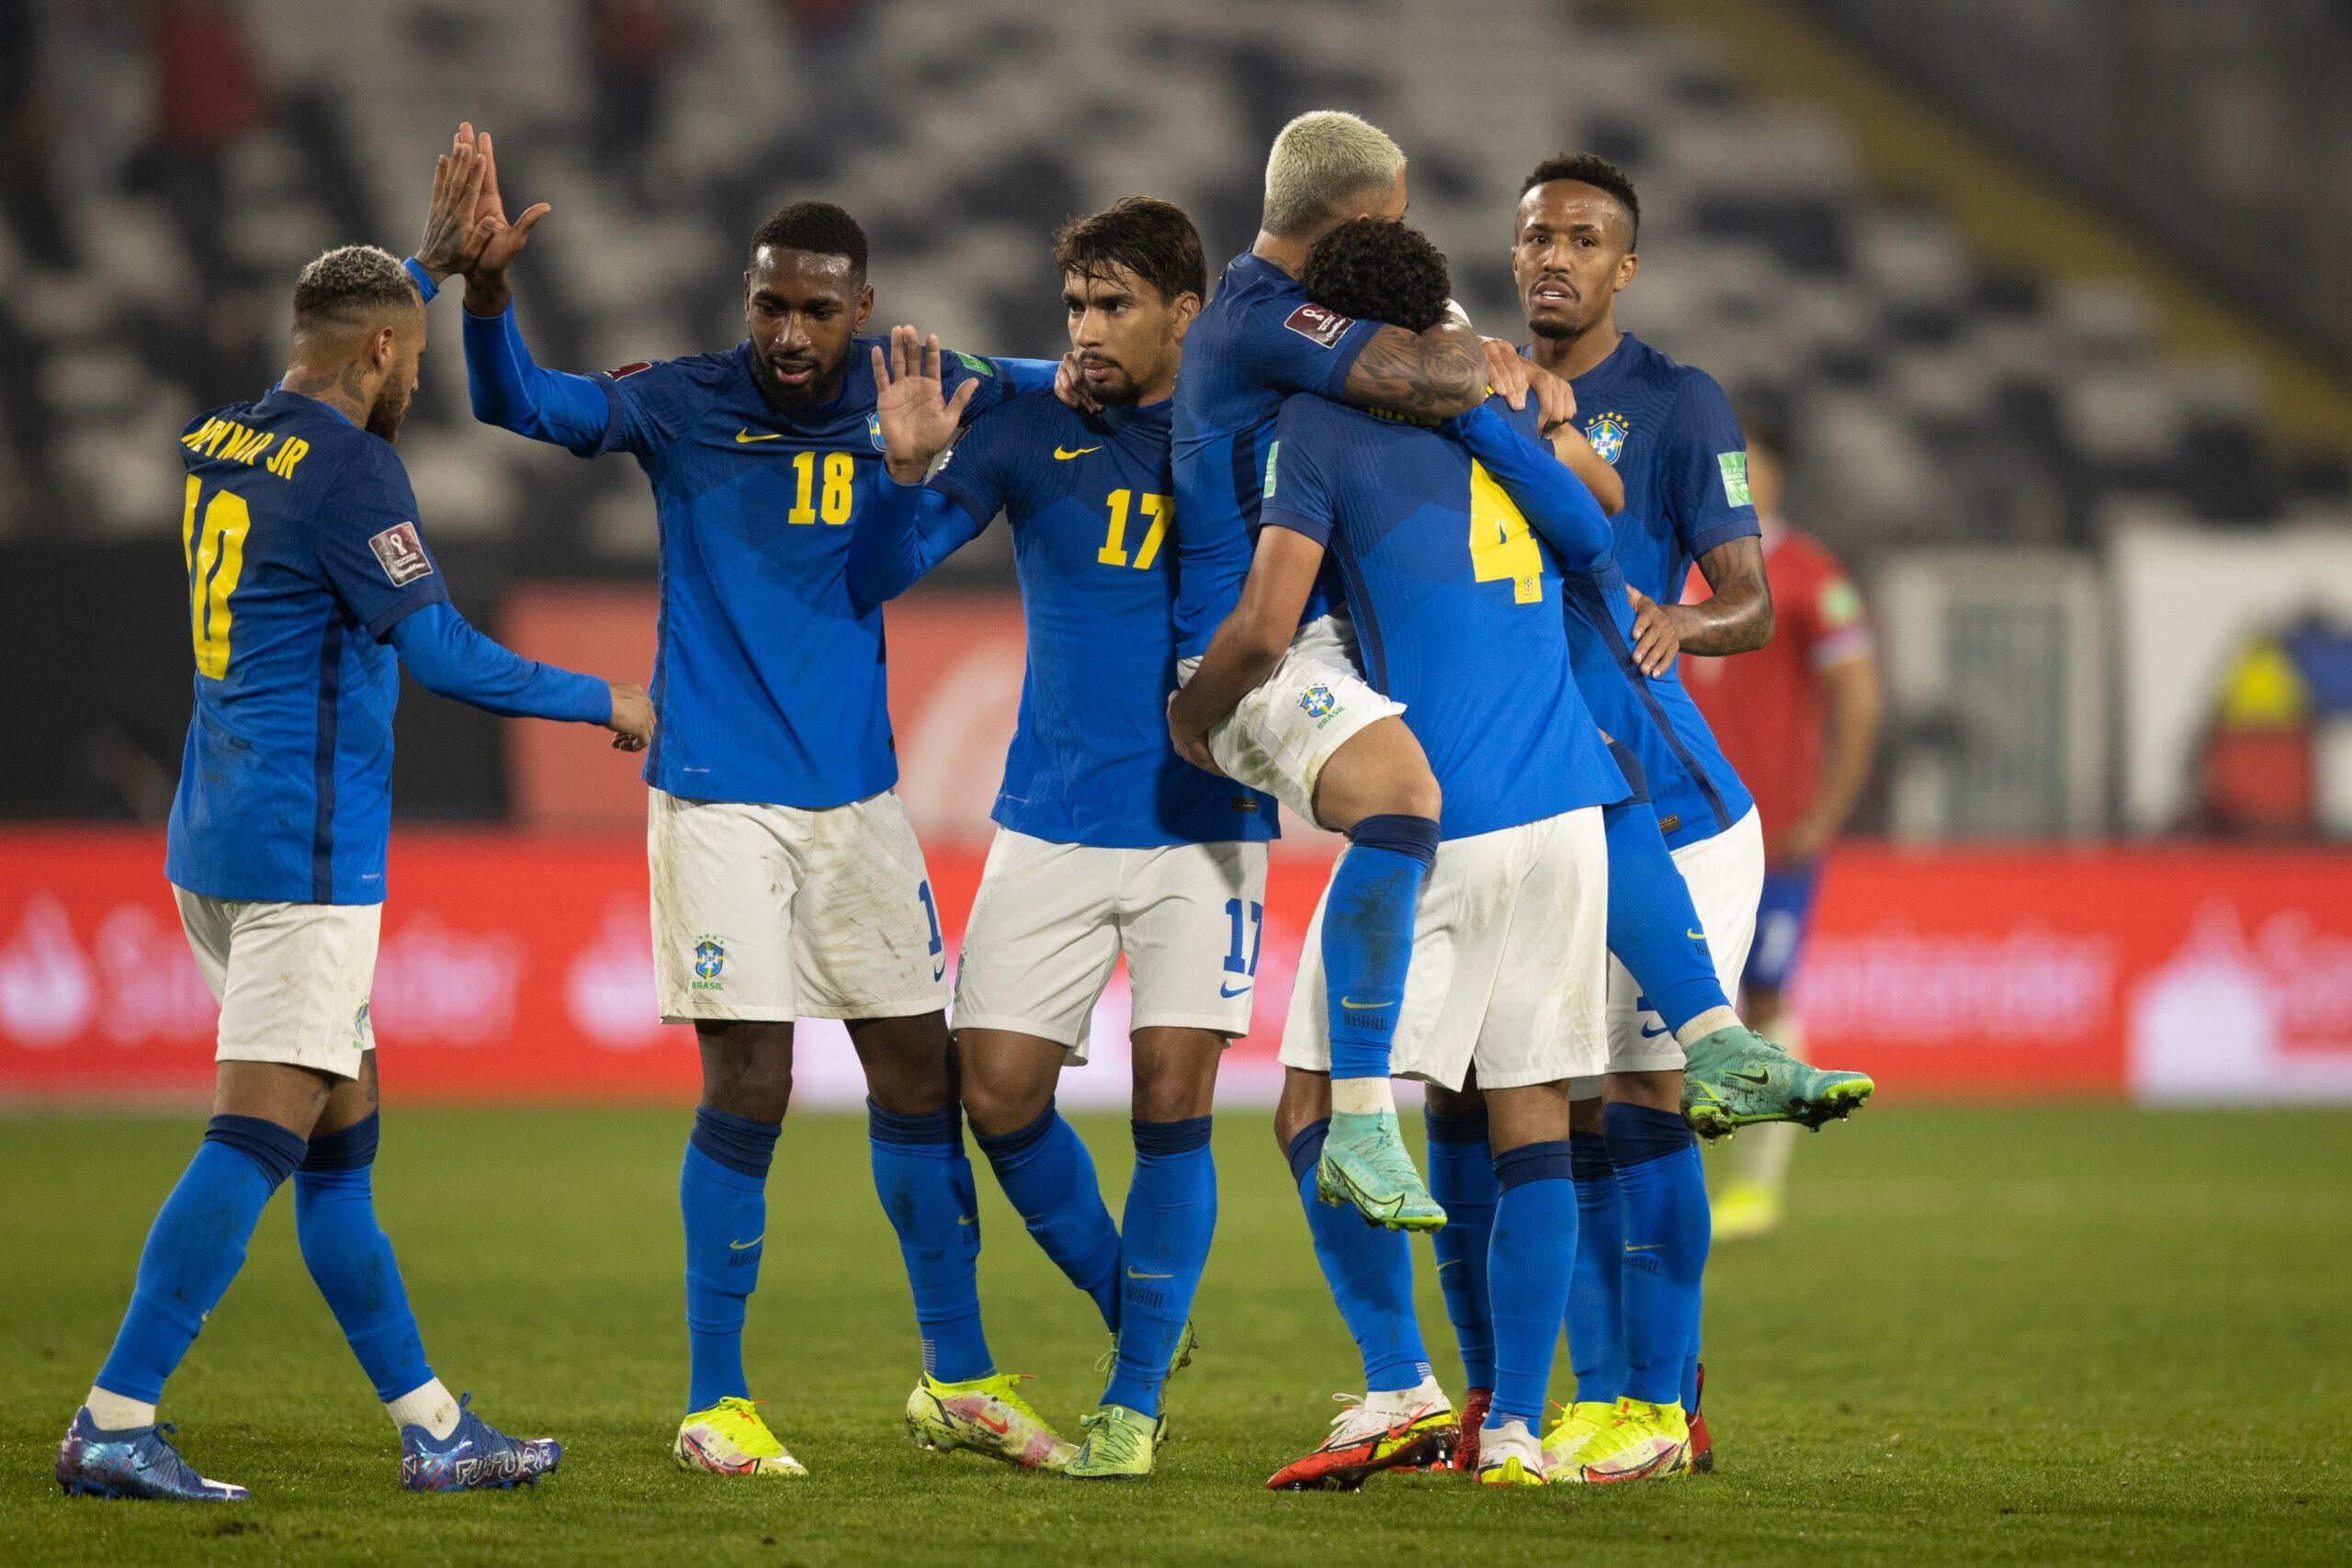 Eliminatórias: Brasil vence o Chile e alcança melhor arrancada